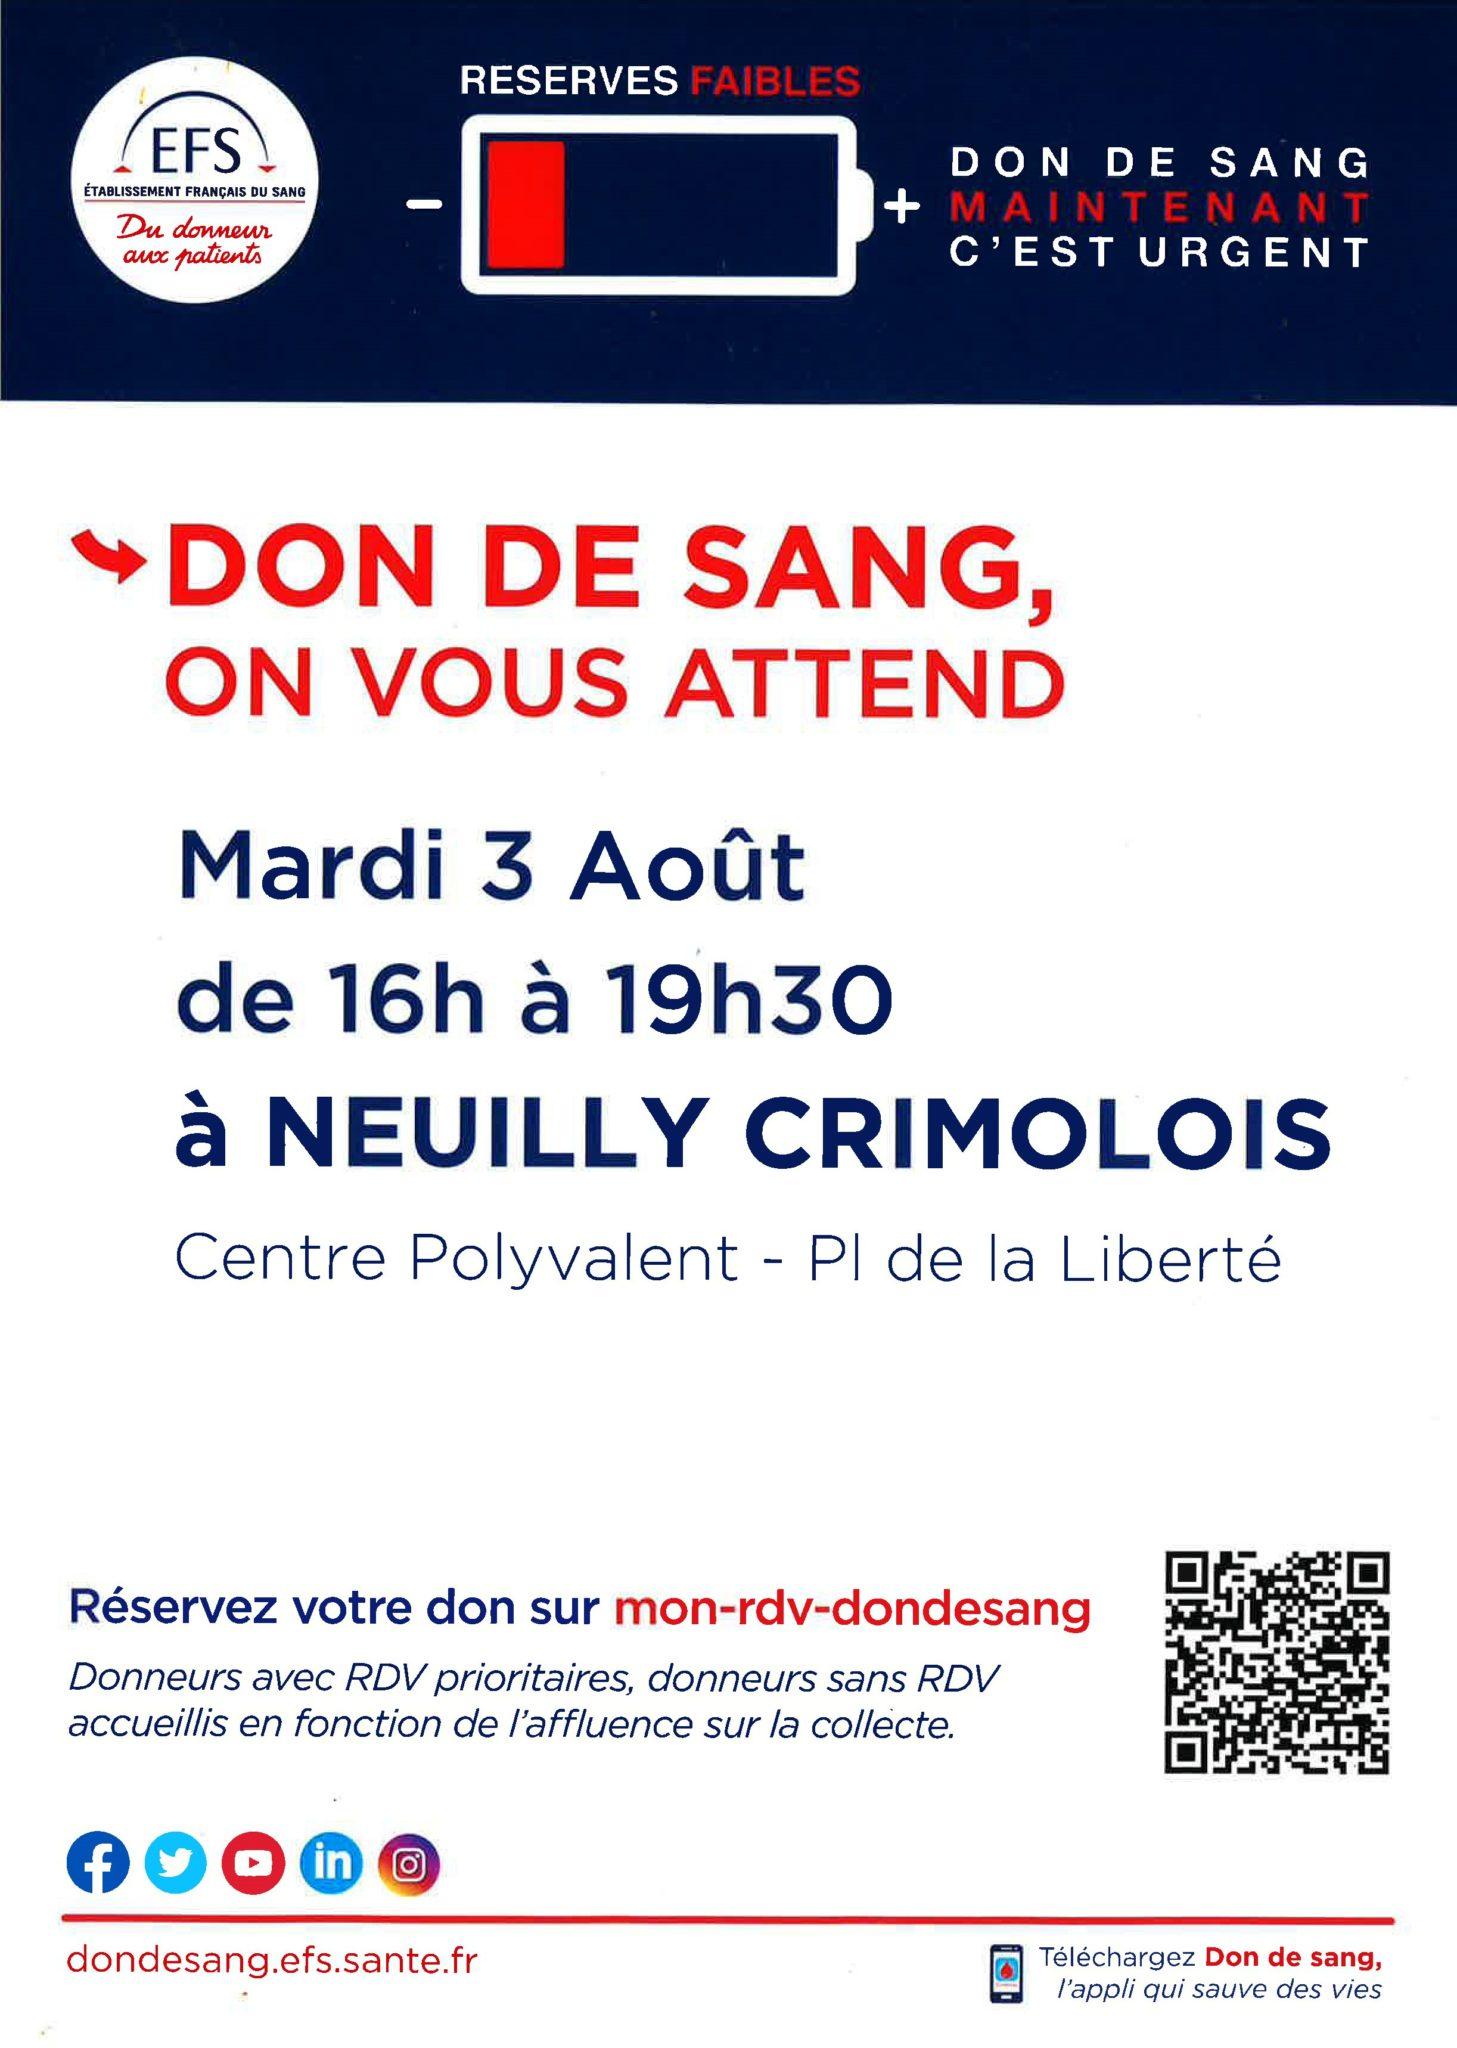 Read more about the article Don de sang mardi 3 août. Mobilisons-nous, les réserves sont faibles.